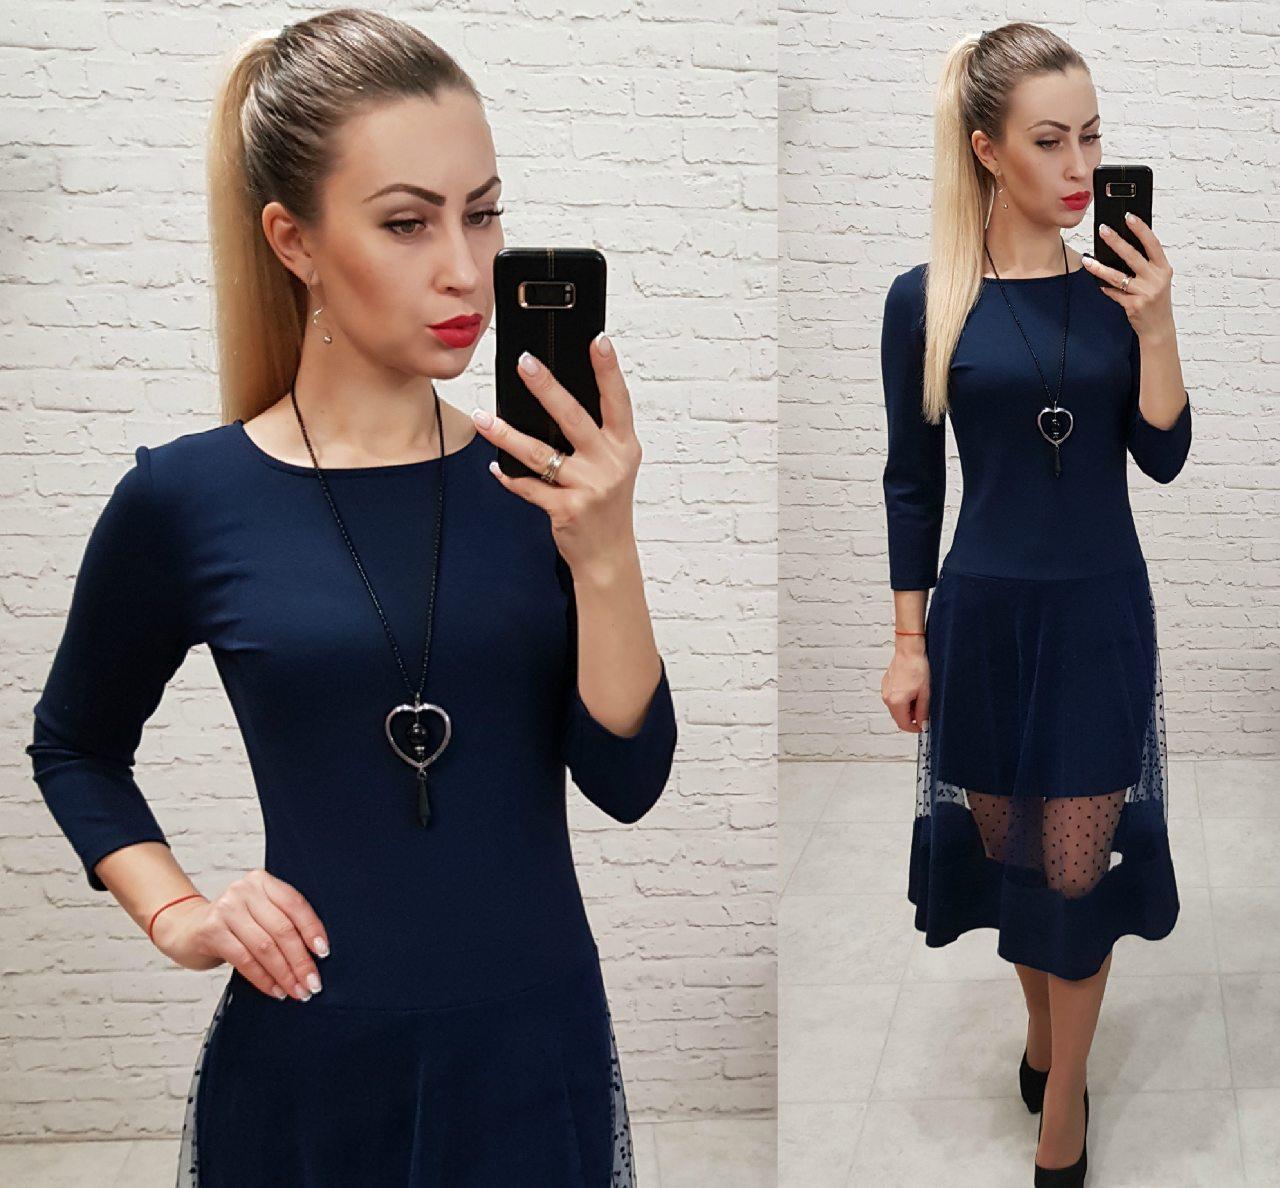 Платье нарядное, креп+сетка, модель 146, цвет - темно синий